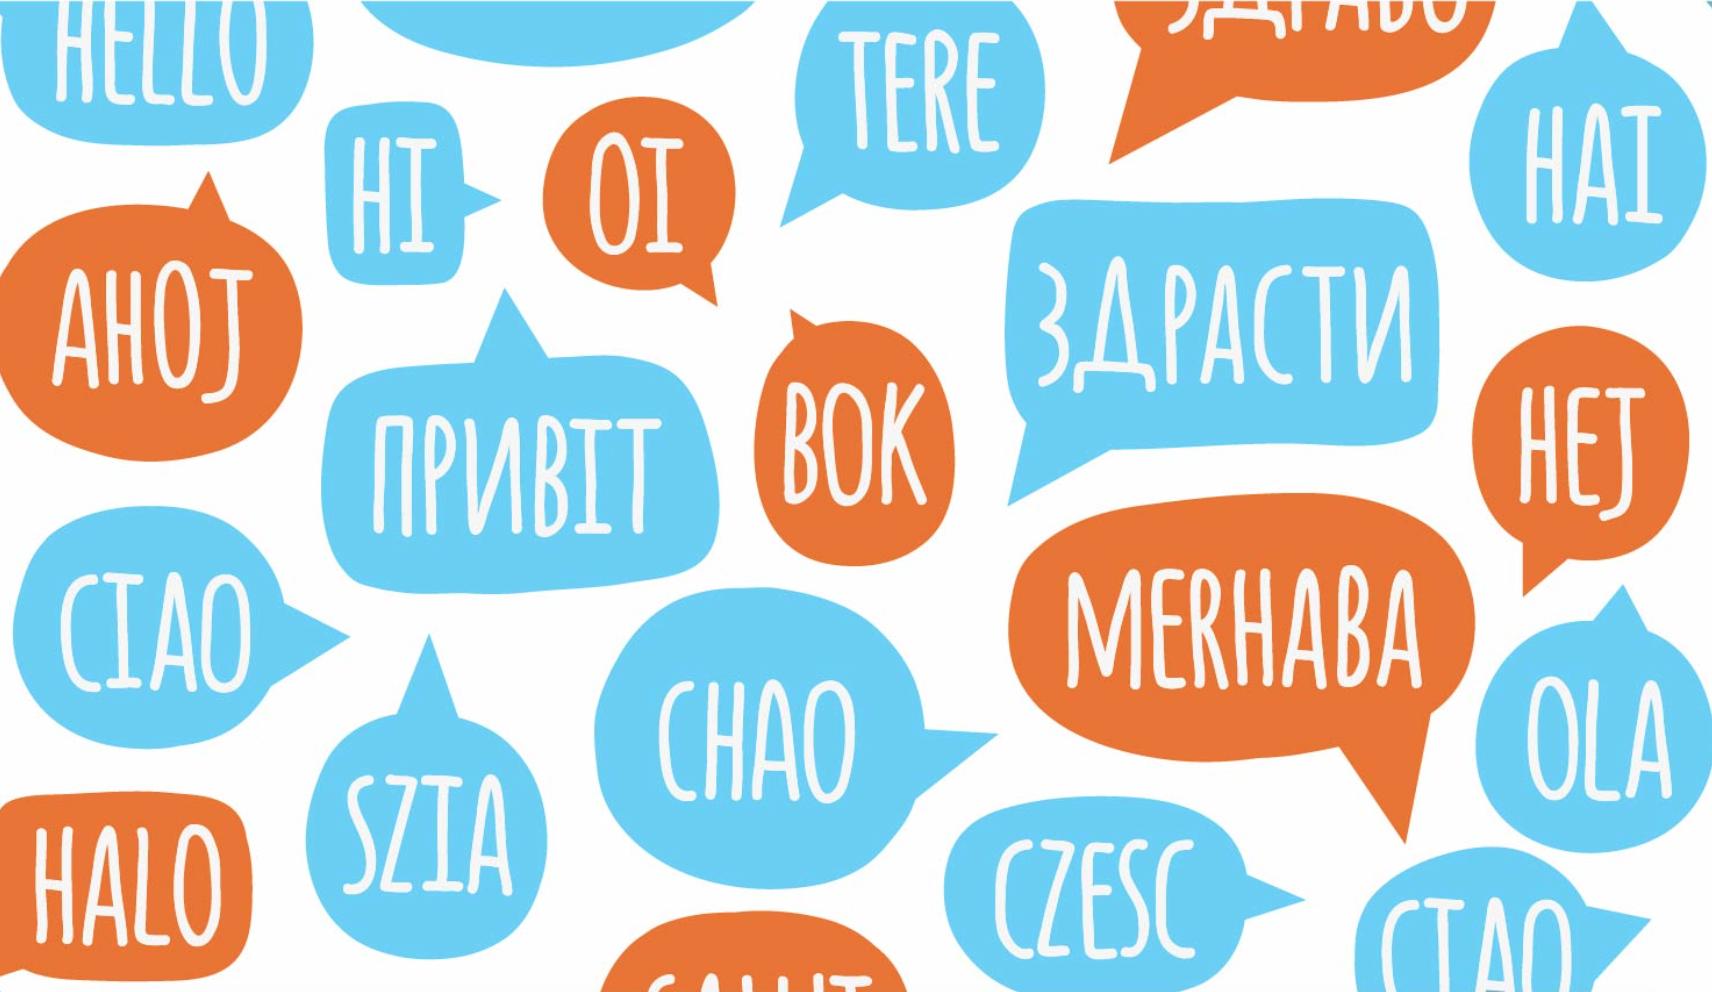 lærer tyrkisk, Lær tyrkisk, sådan lærer du tyrkisk, det tyrkiske sprog, dankere i tyrkiet, danskere i alanya, dansk i tyrkiet